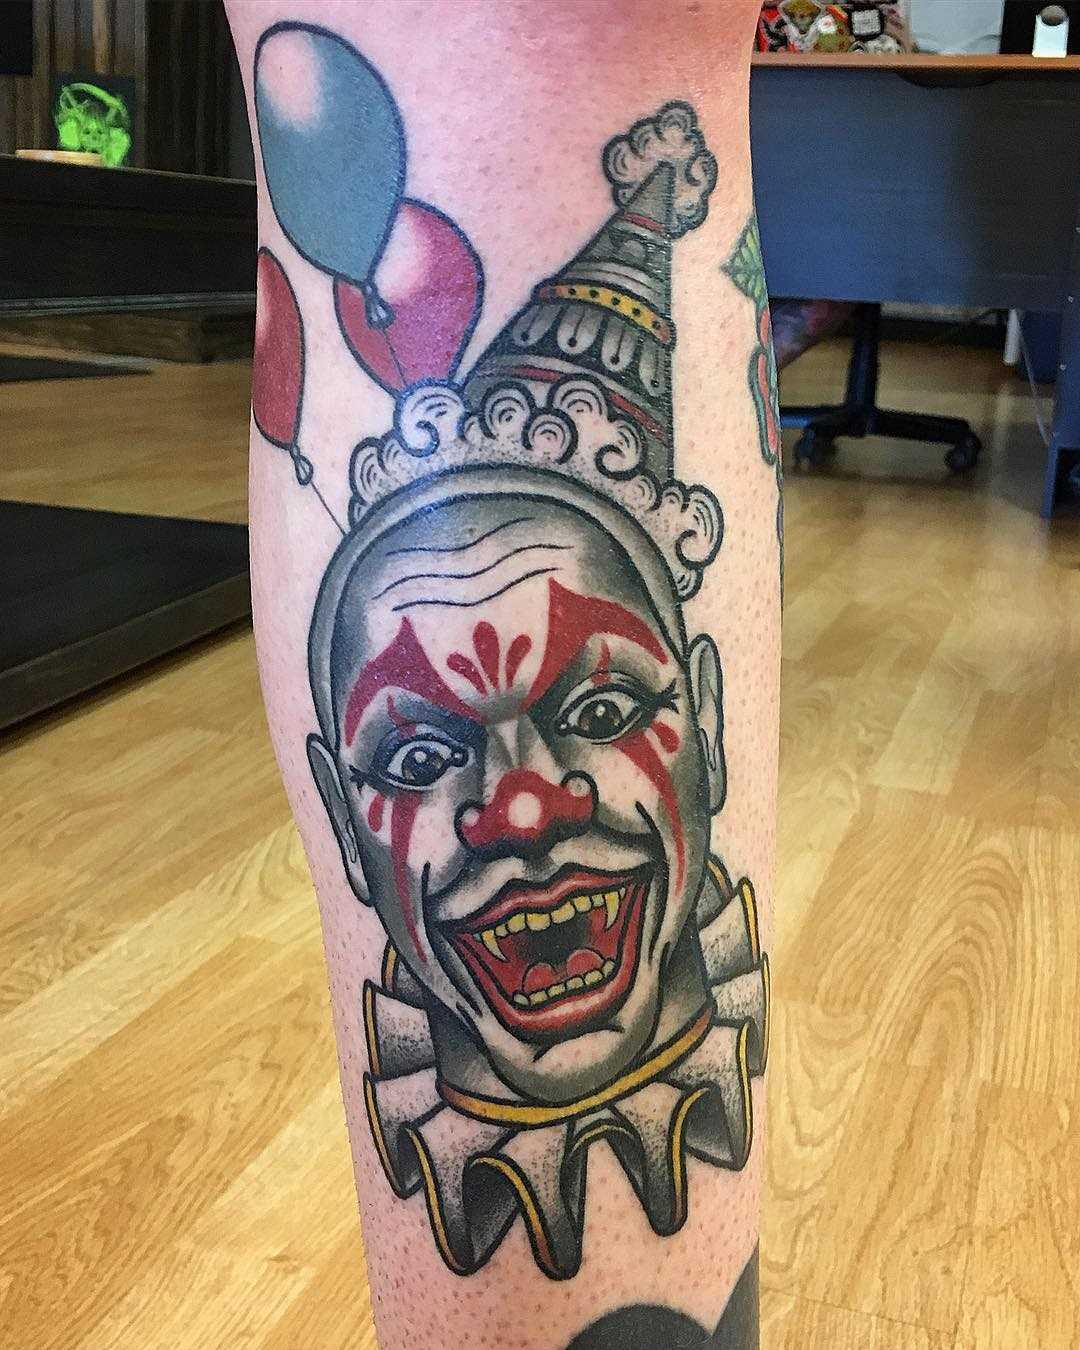 Tatuagem de palhaço sobre a perna de um cara